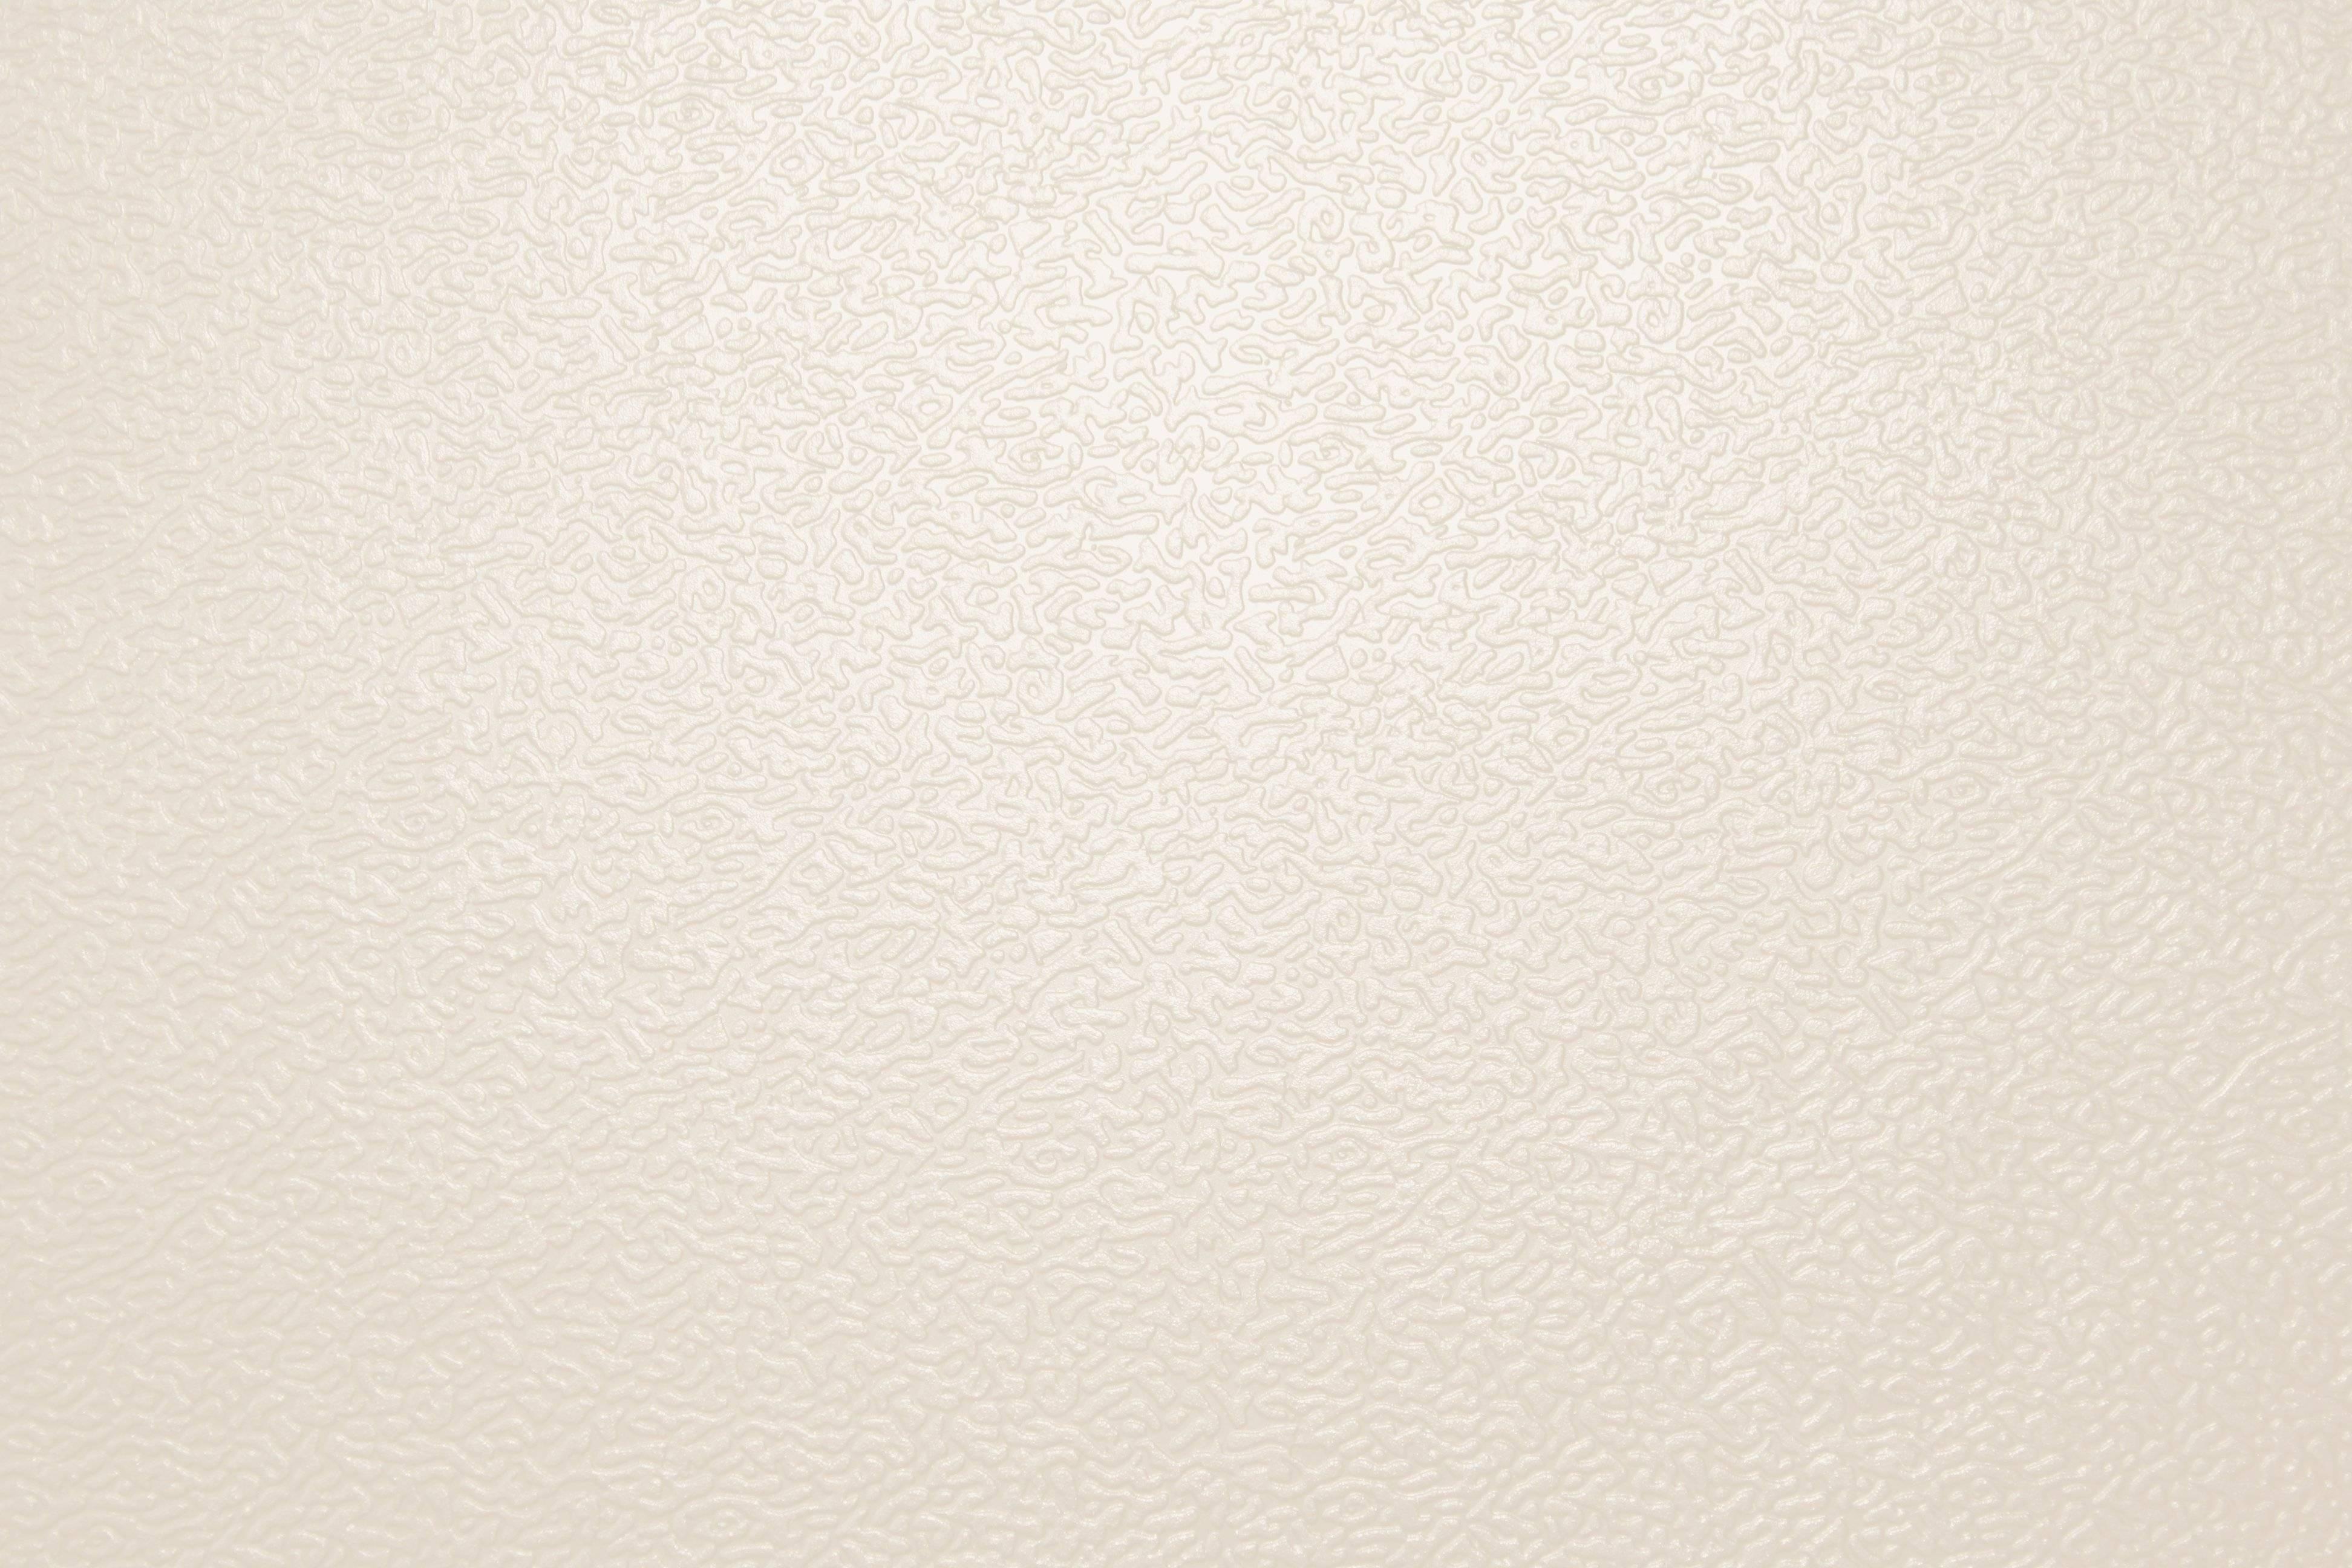 Cream Colored Wallpaper Wallpapersafari